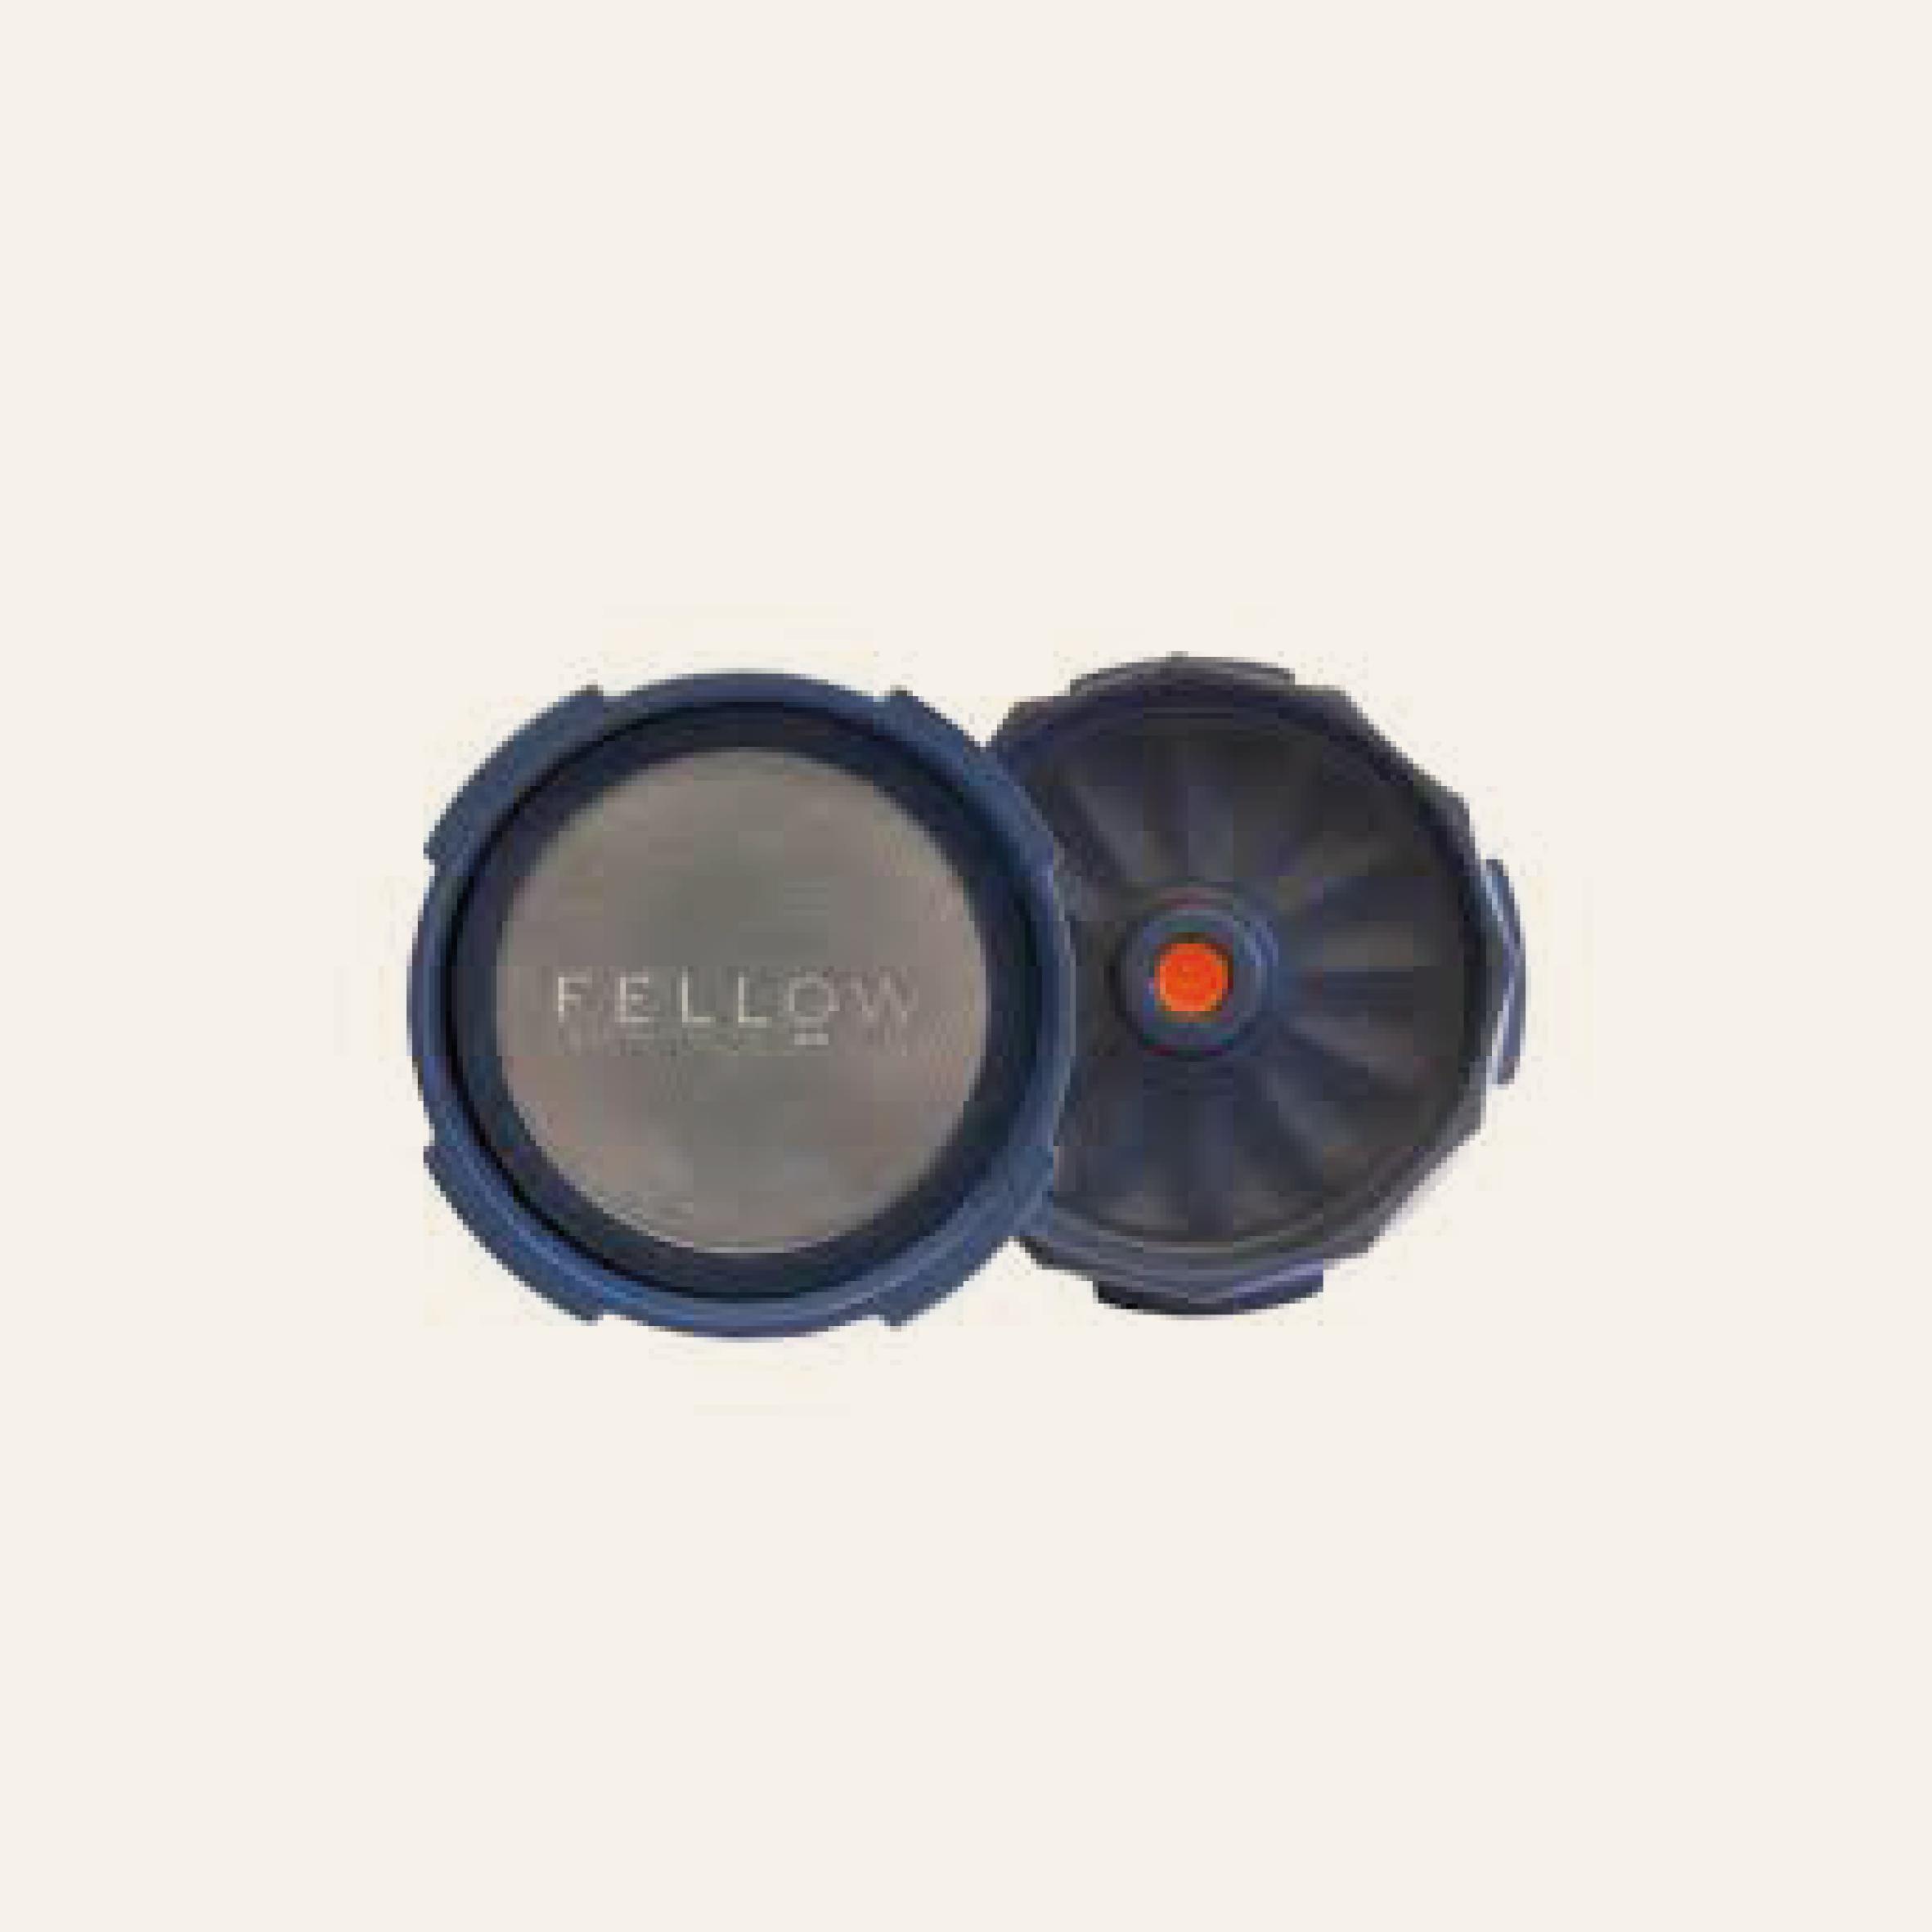 Fellow Prismo Espresso Filter